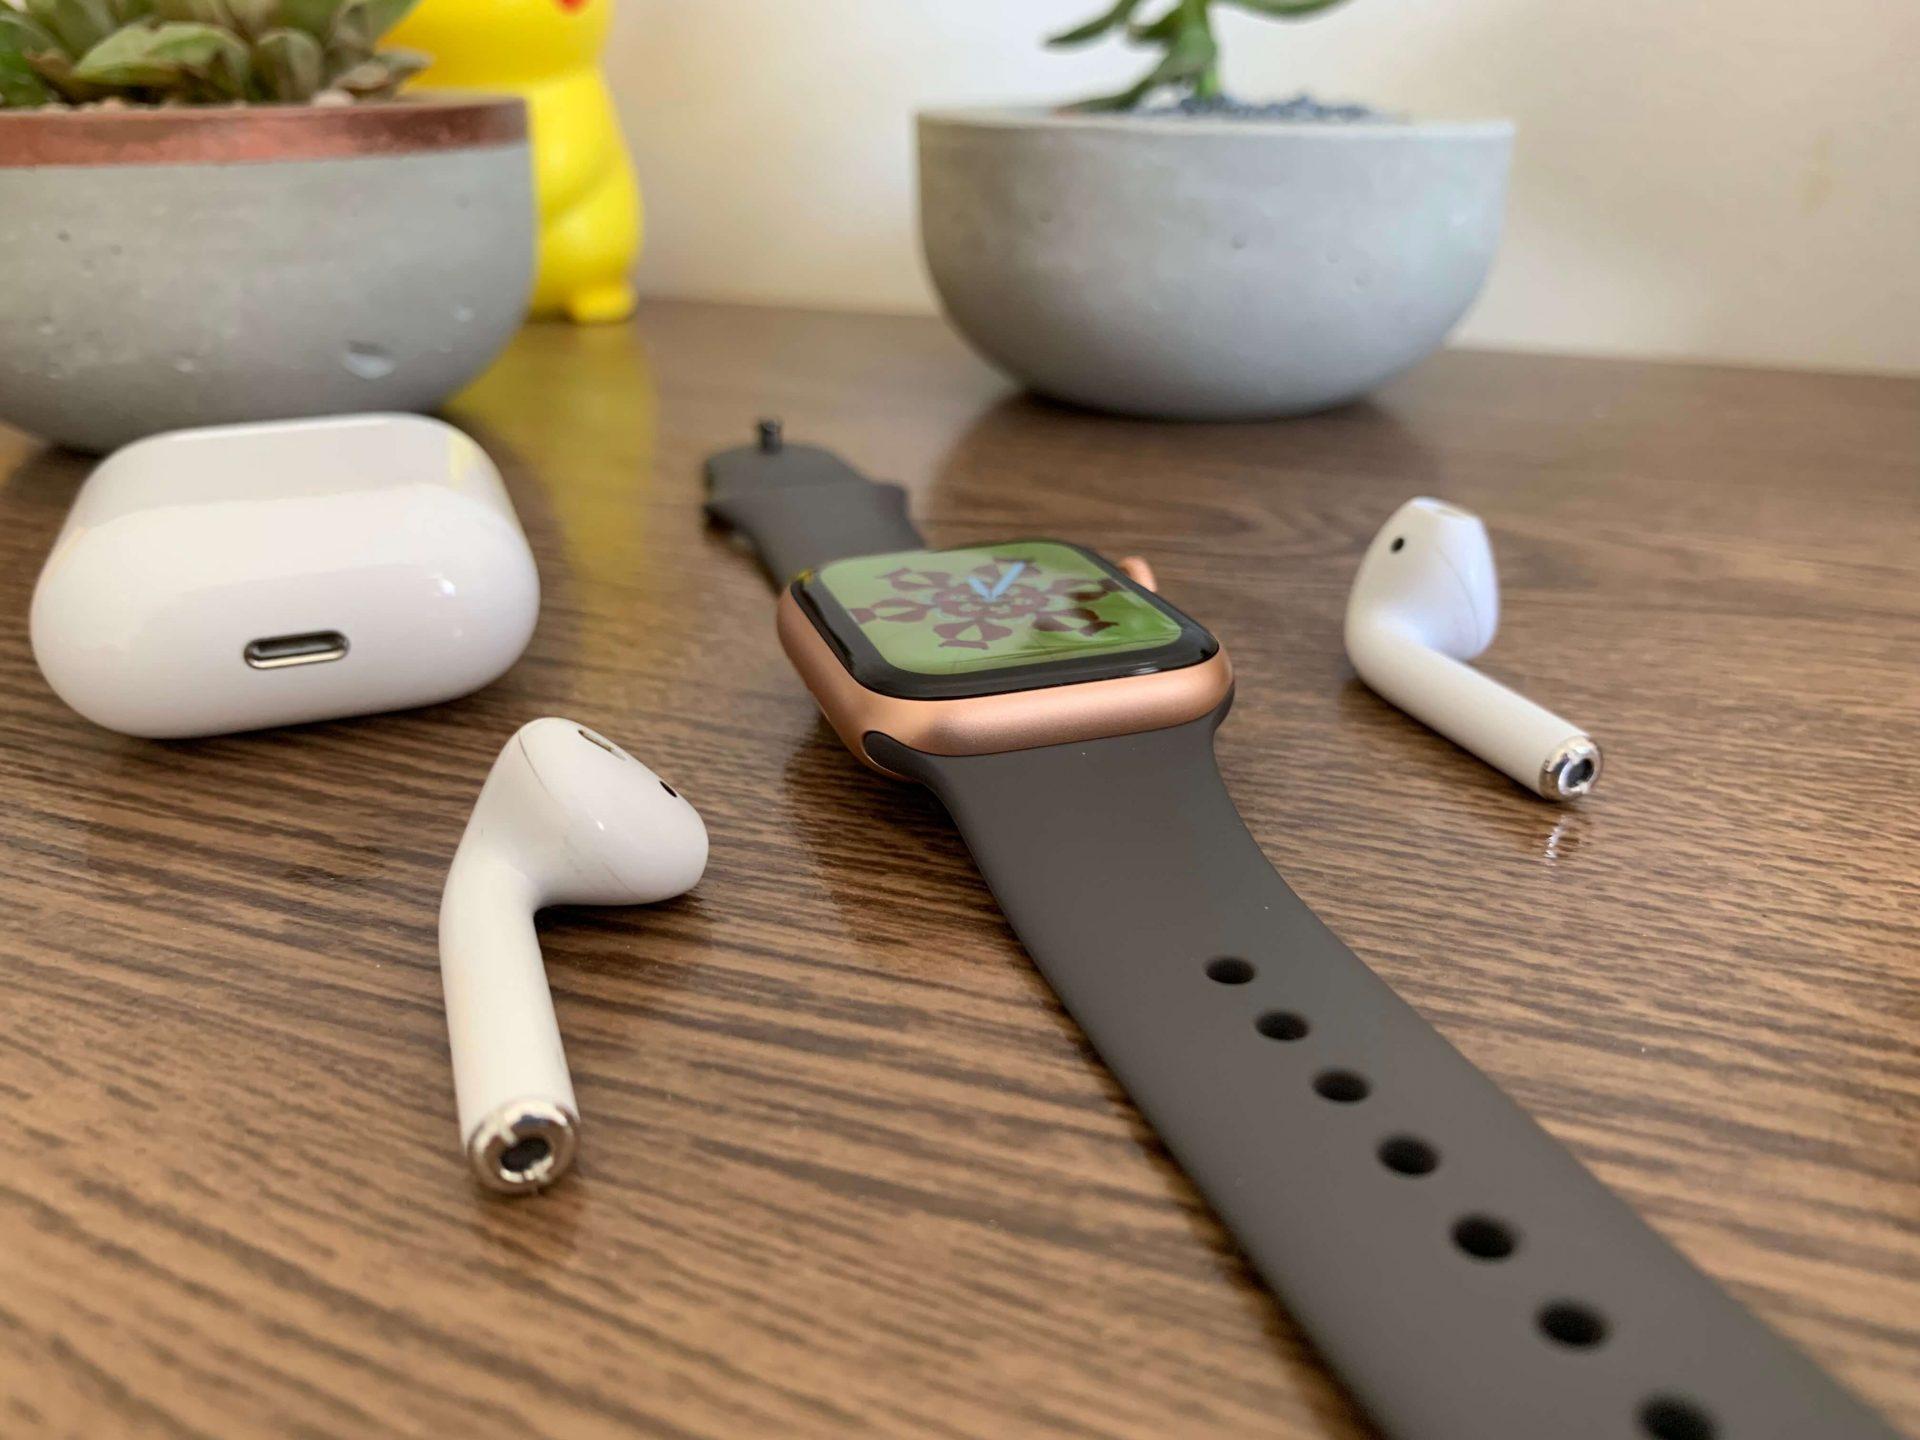 Fones bluetooth, como os airpods, são companheiros ideias do apple watch series 4